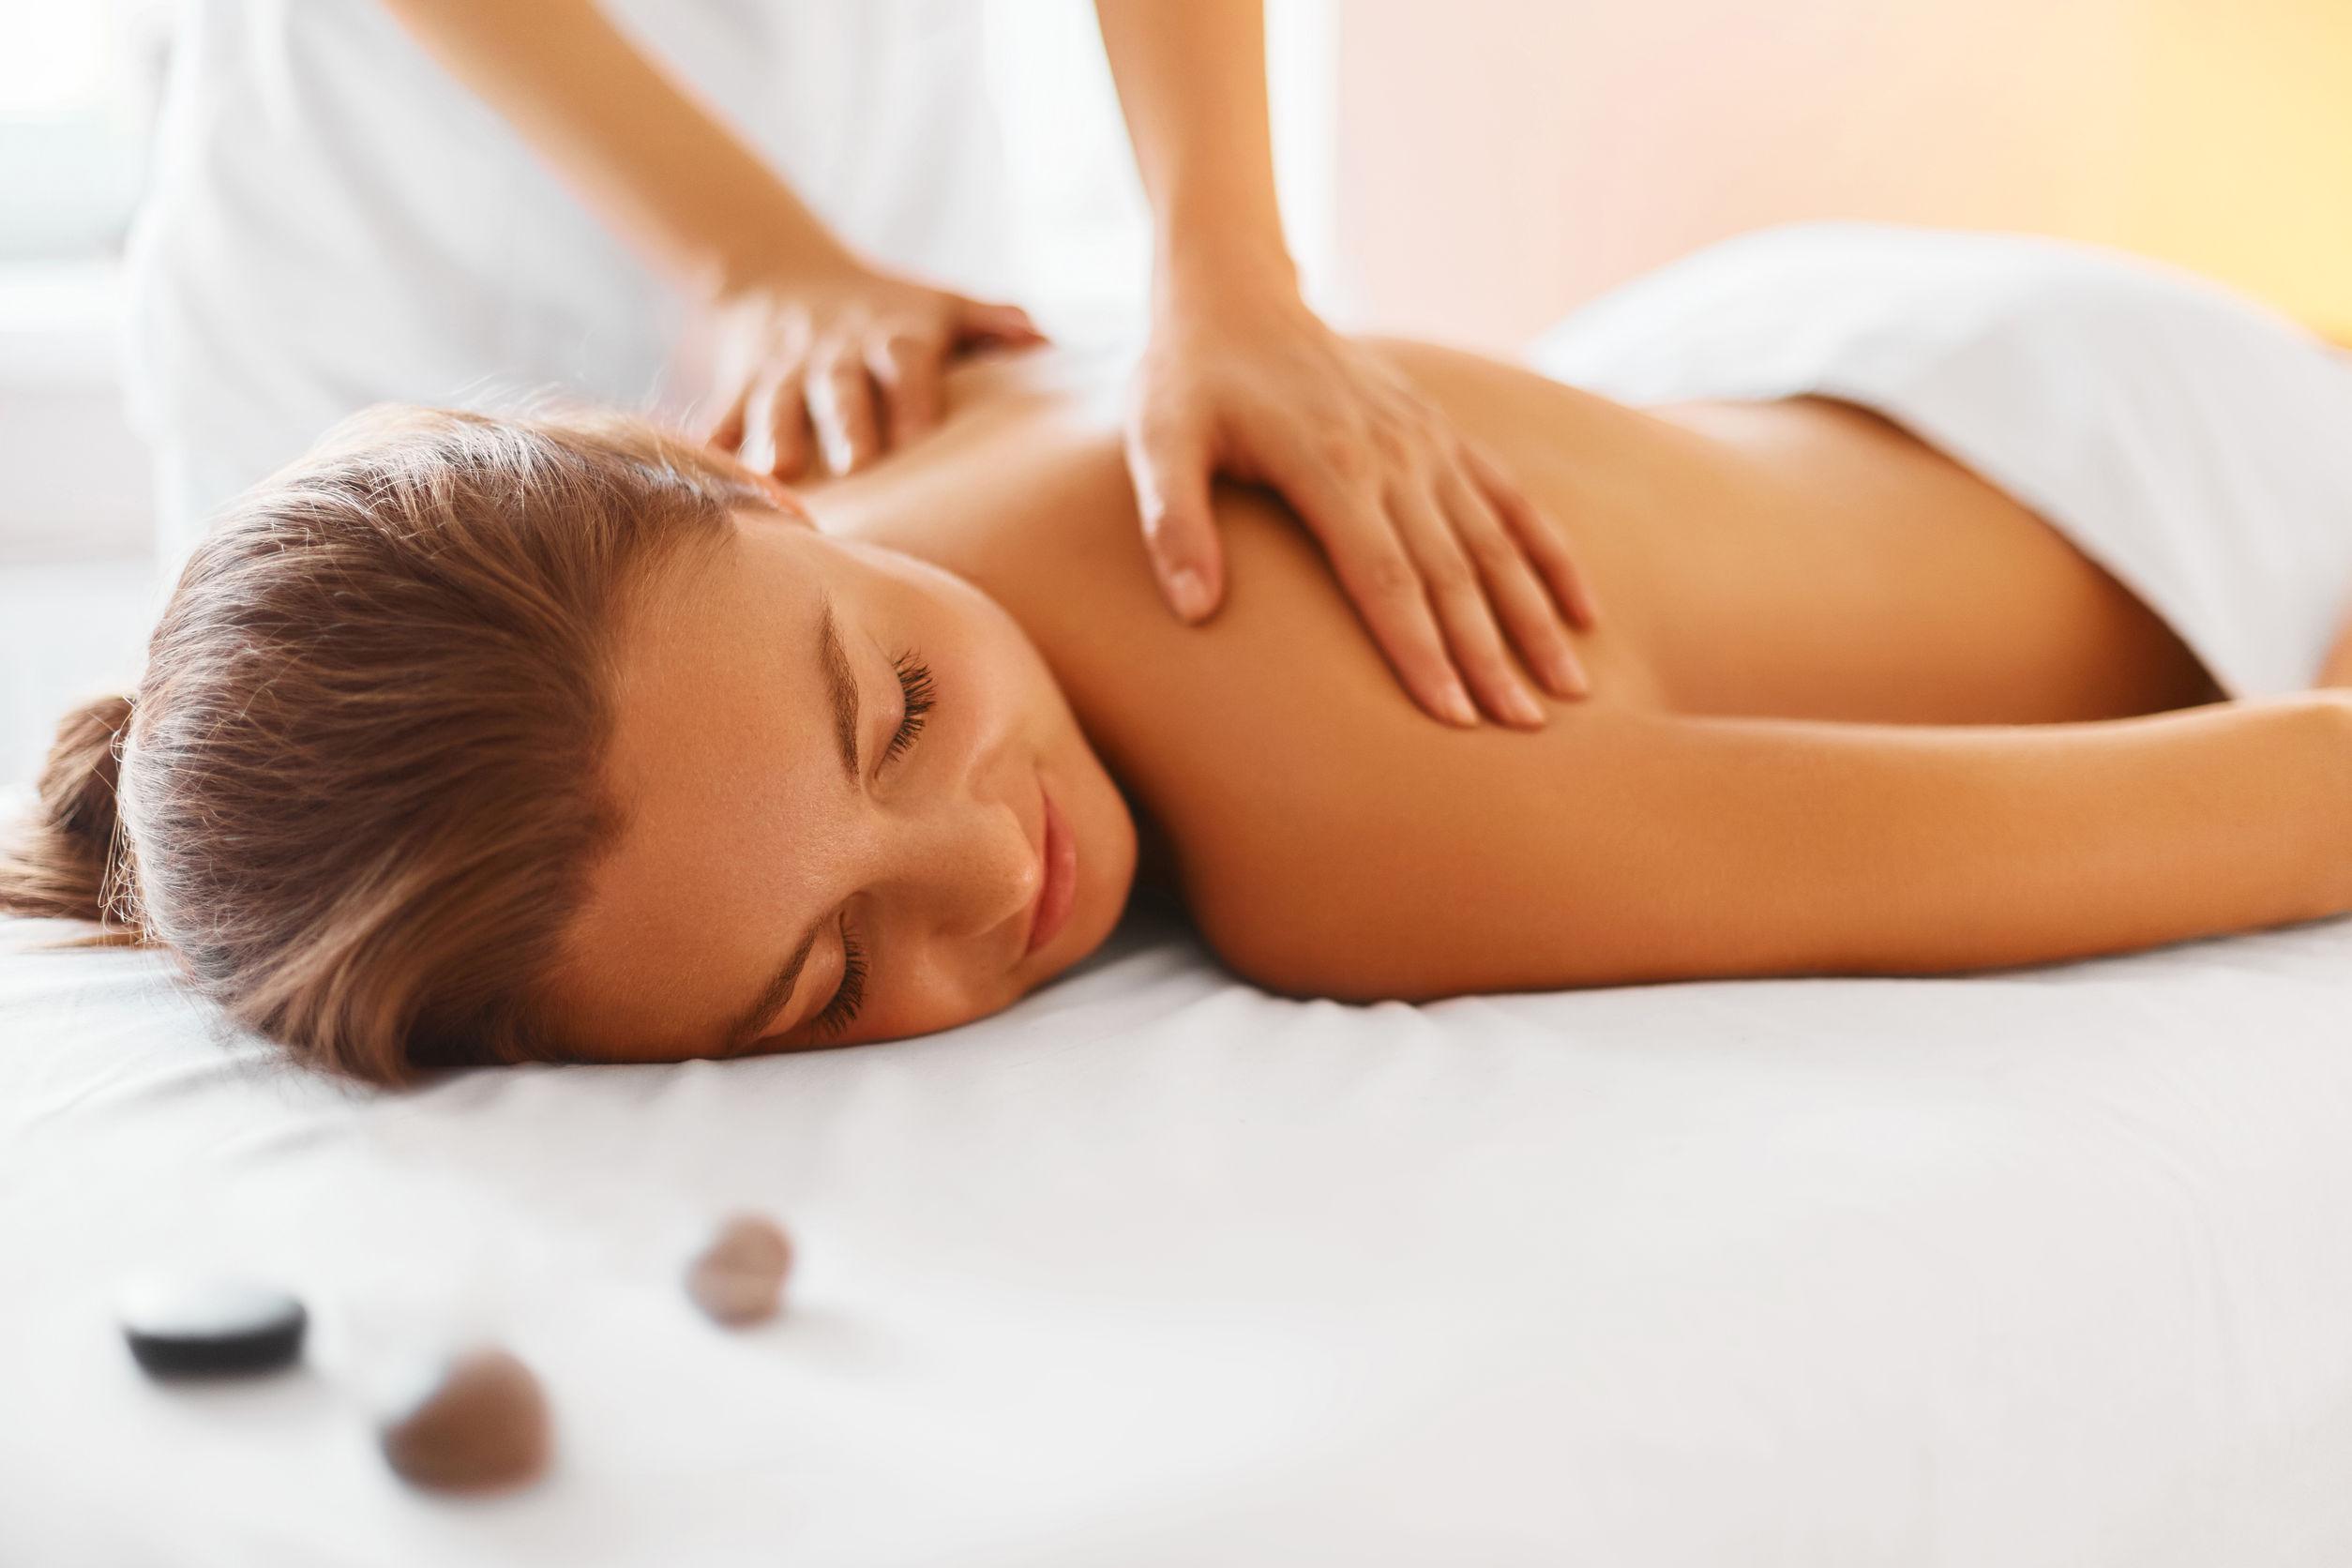 Lider du av ryggbesvär? - Massage Gävle, Ryggbesvär Gävle